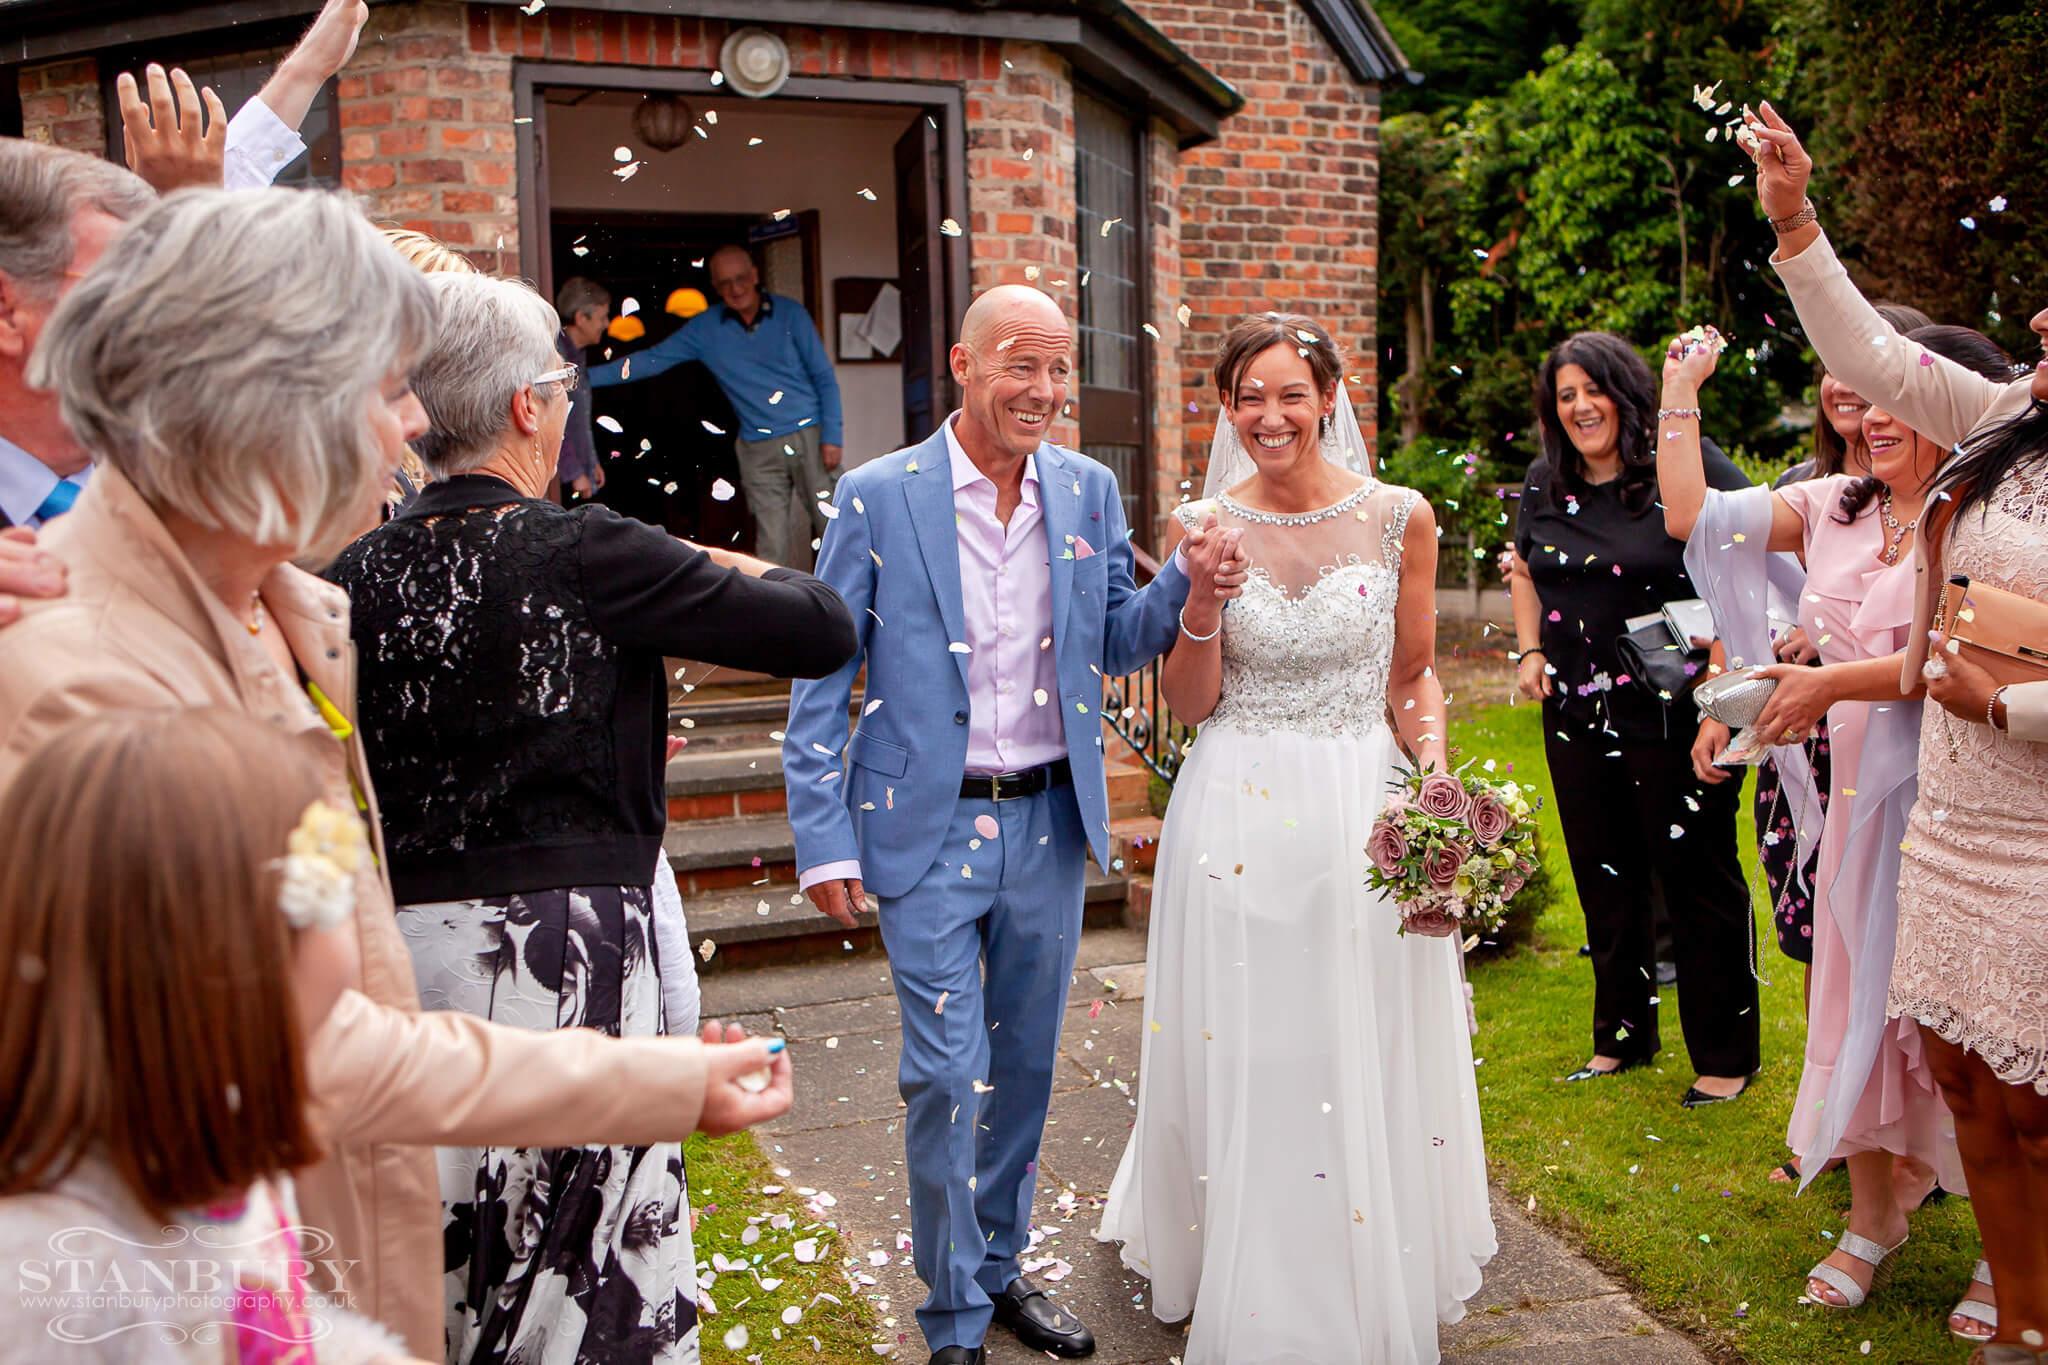 confetti-shower-tipi-wedding-photography-lancashire-stanbury